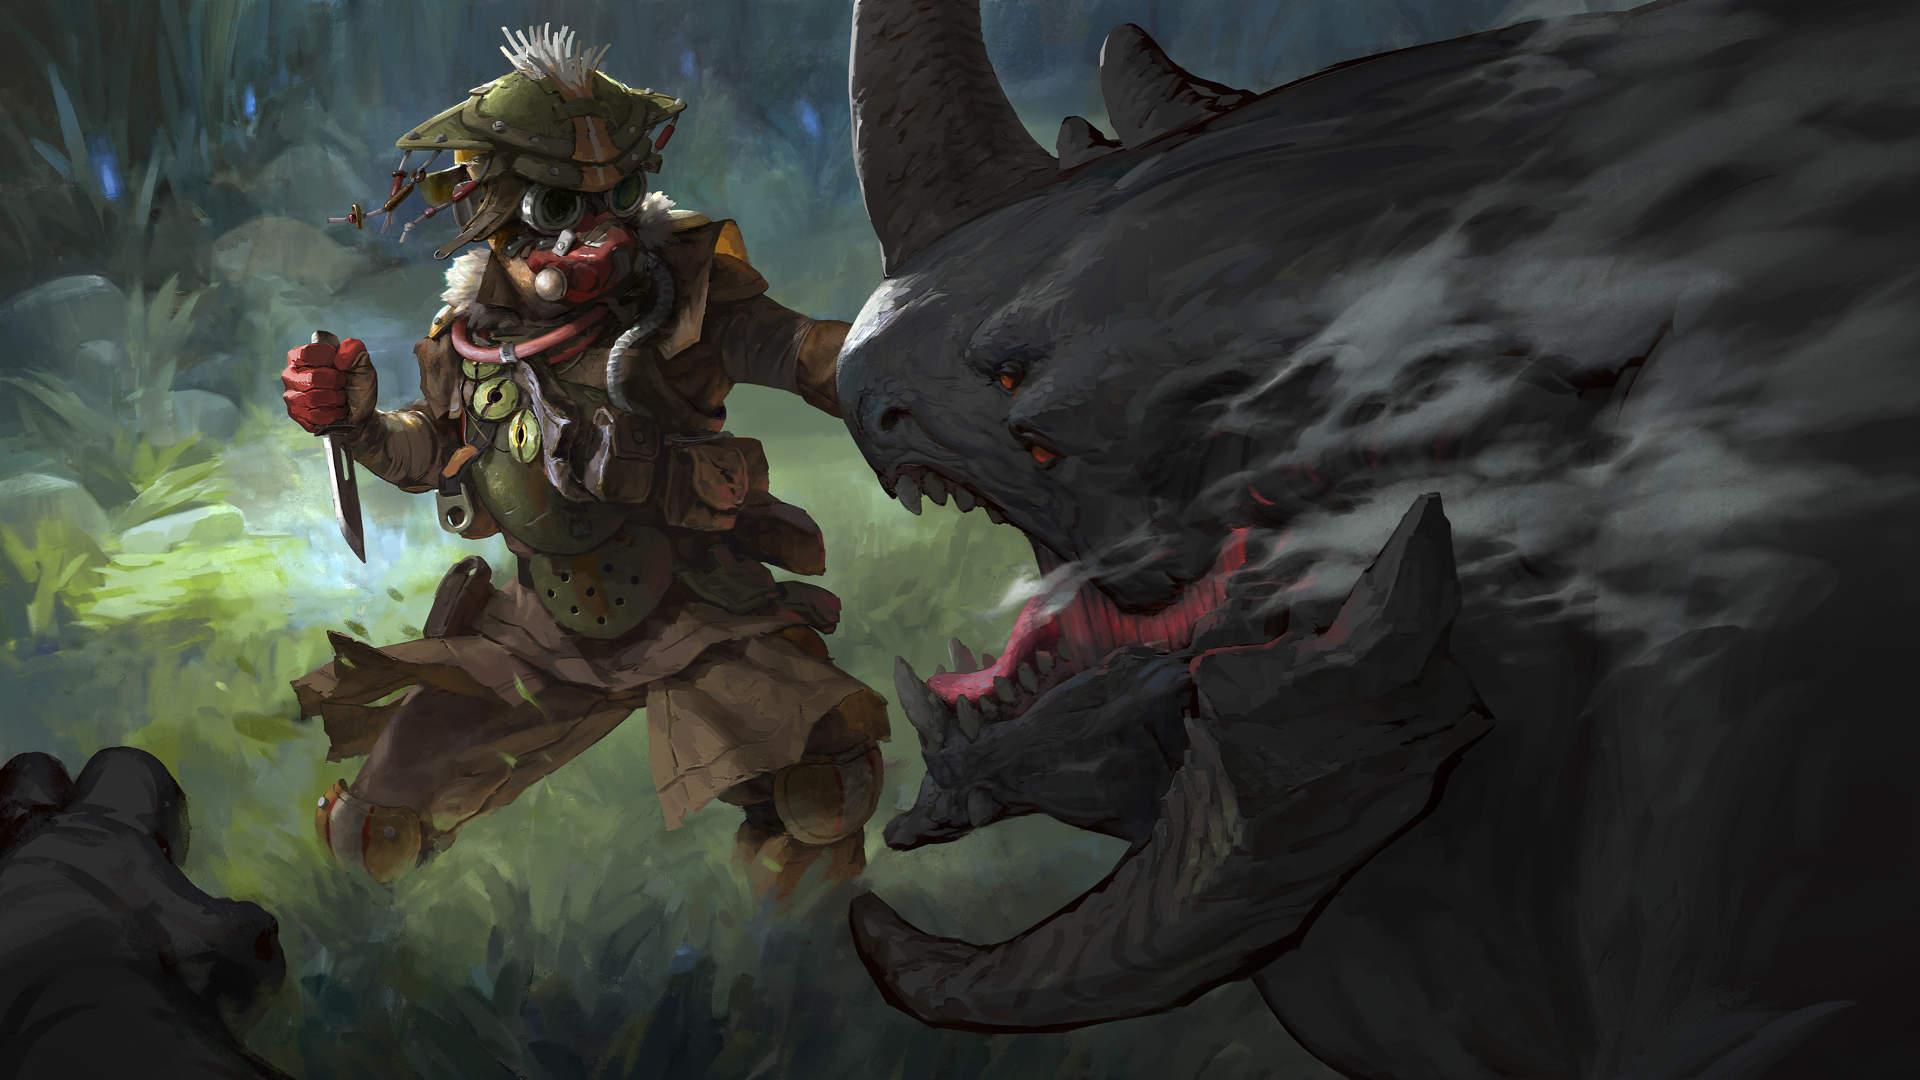 Bloodhound in Apex Legends.